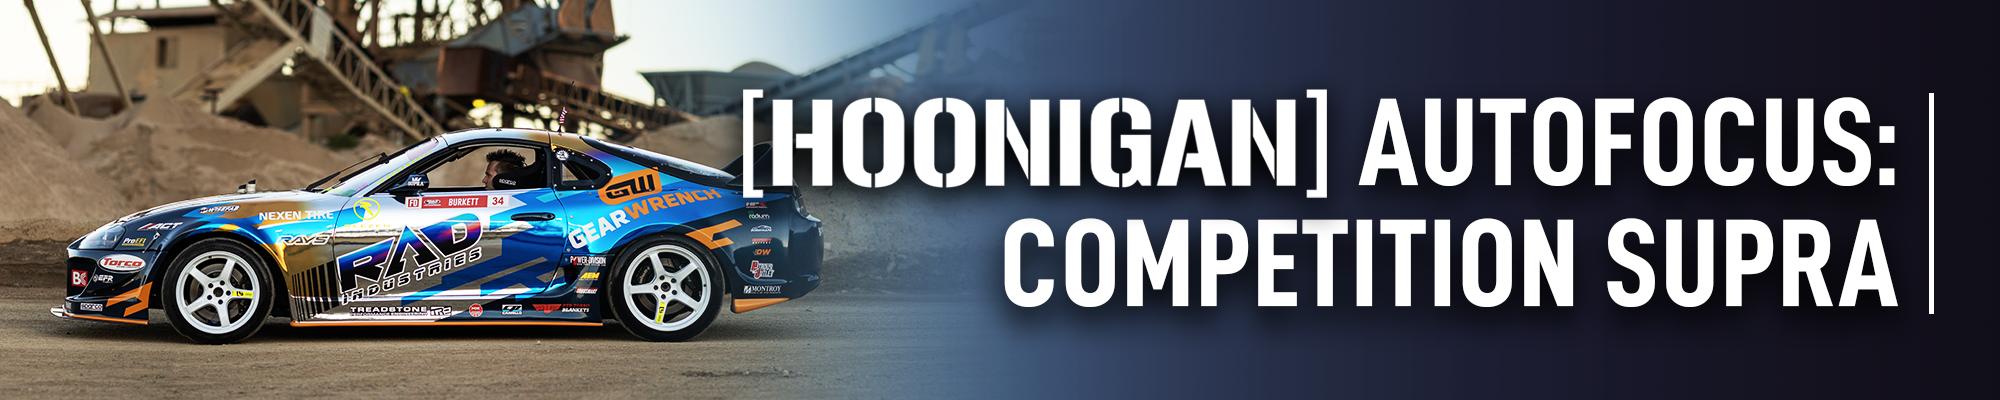 [HOONIGAN] Auto Focus: Competition Supra